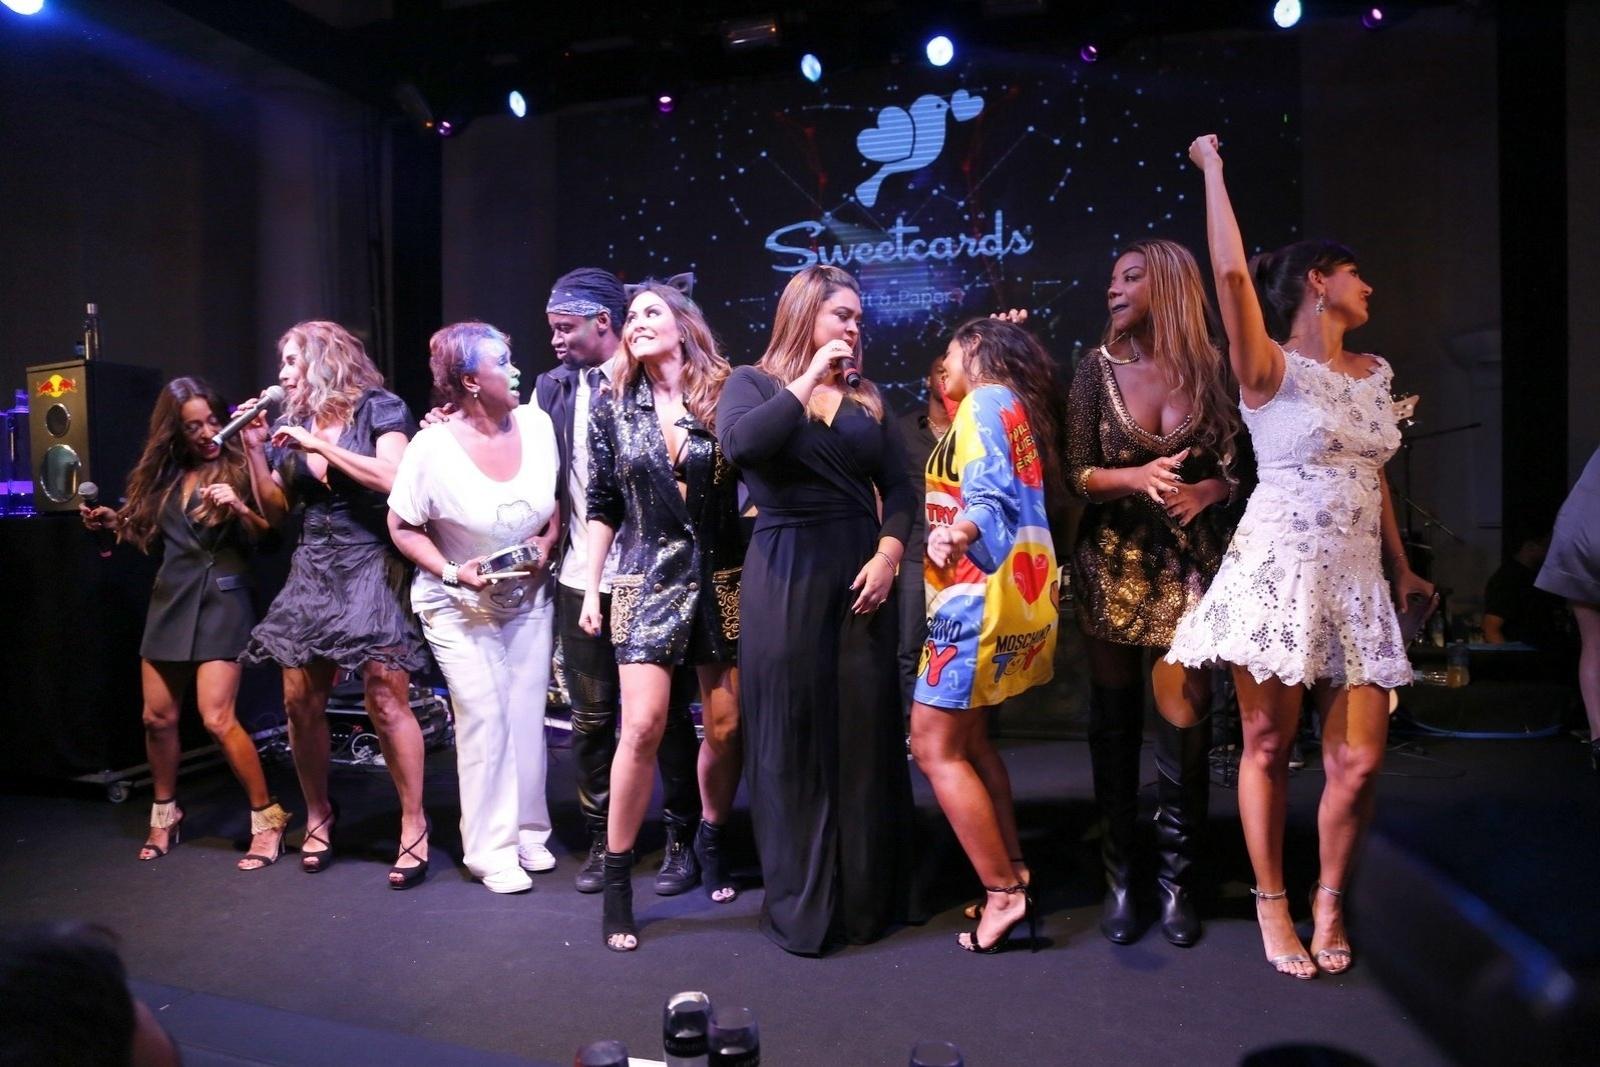 13.mar.2015 - Anitta dança enquanto Preta Gil canta na festa de aniversário da promoter Carol Sampaio e surpreende a plateia no Copacabana Palace Hotel, na zona sul do Rio de Janeiro, na noite desta sexta-feira